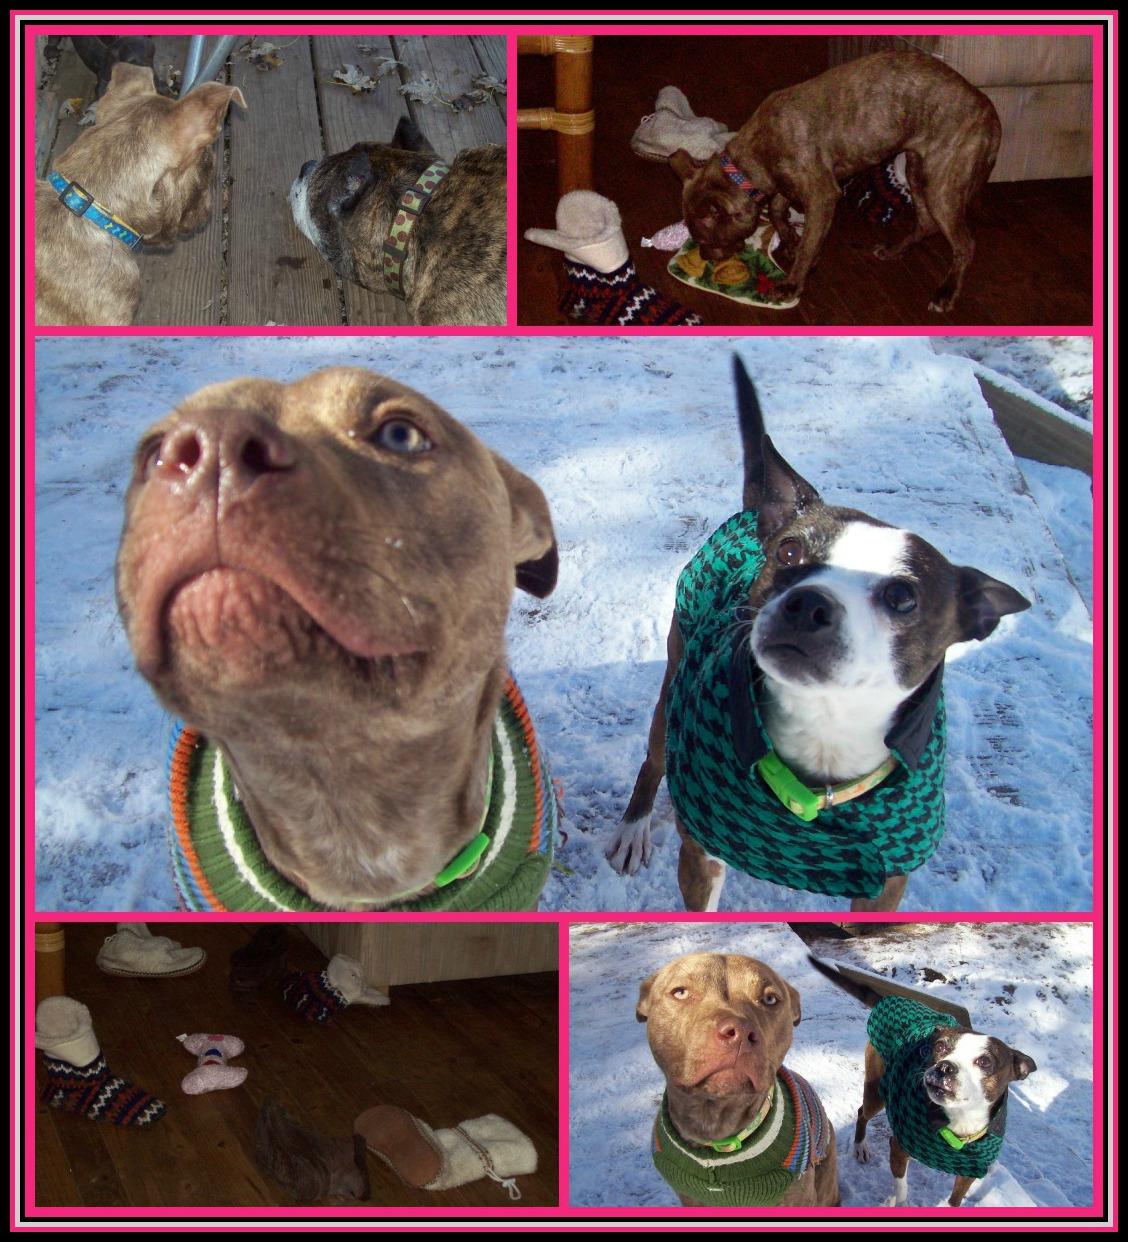 February 15 2013 PicMonkey Collage